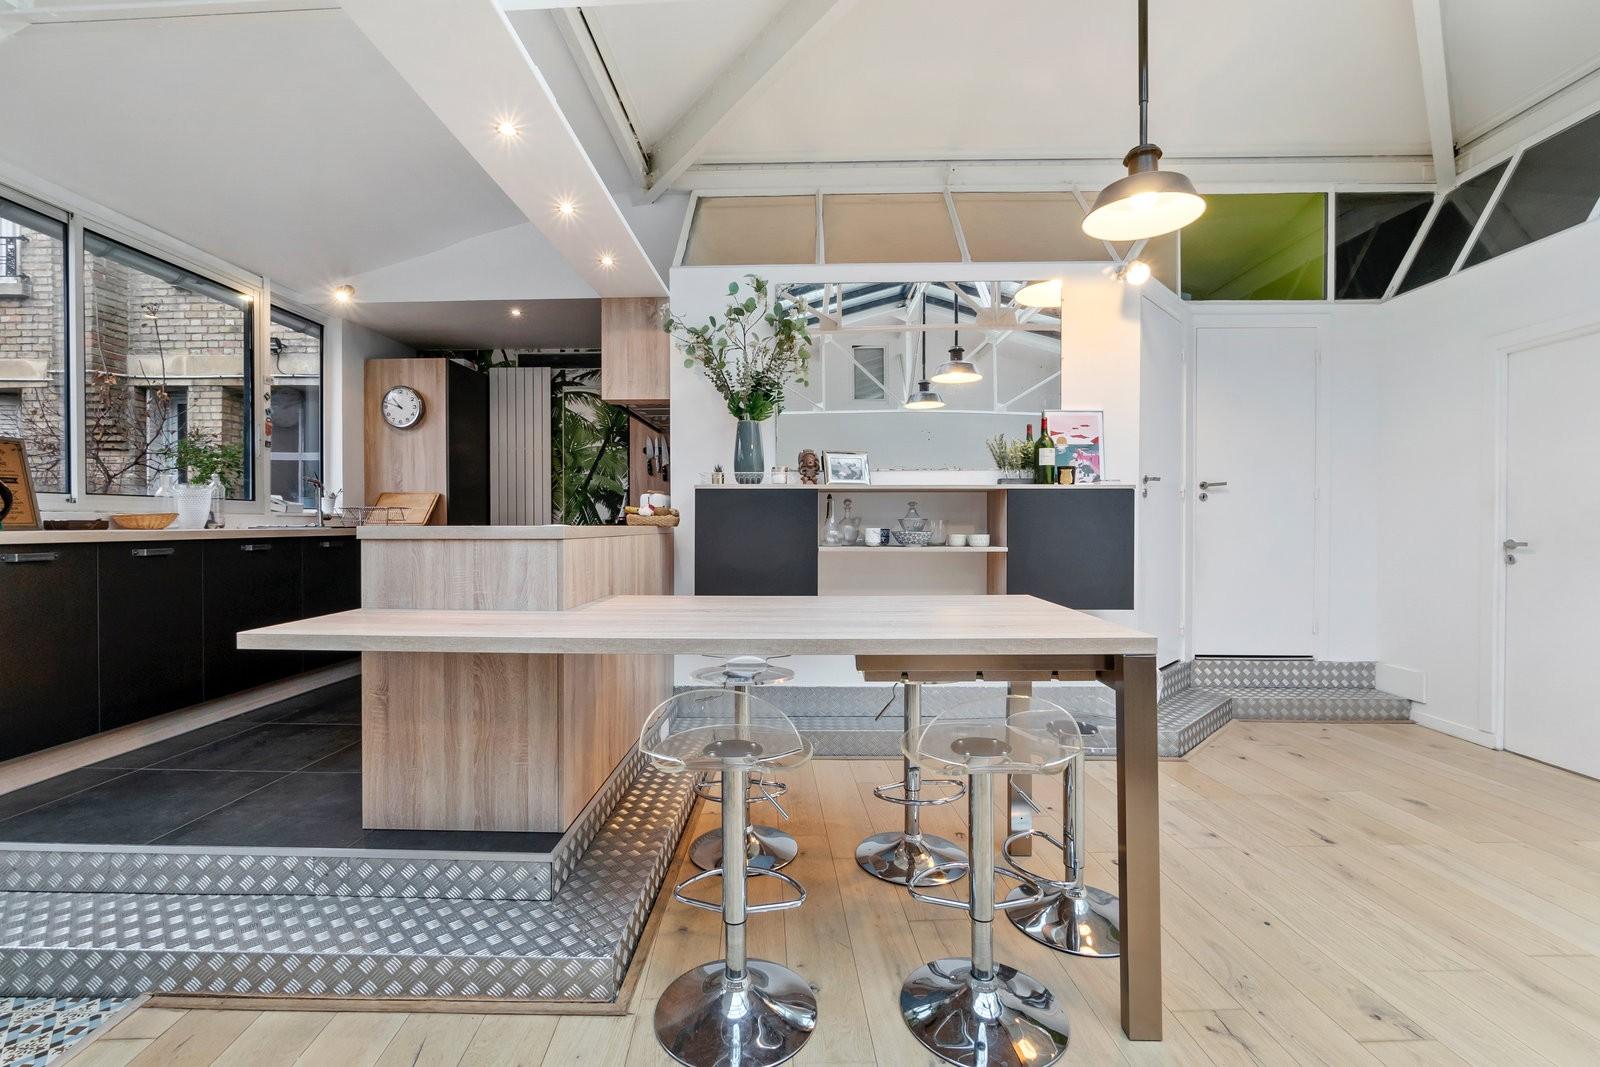 Une cuisine déstructurée en inox. On s'imagine bien faire un déjeuner entre amis dans cette pièce.